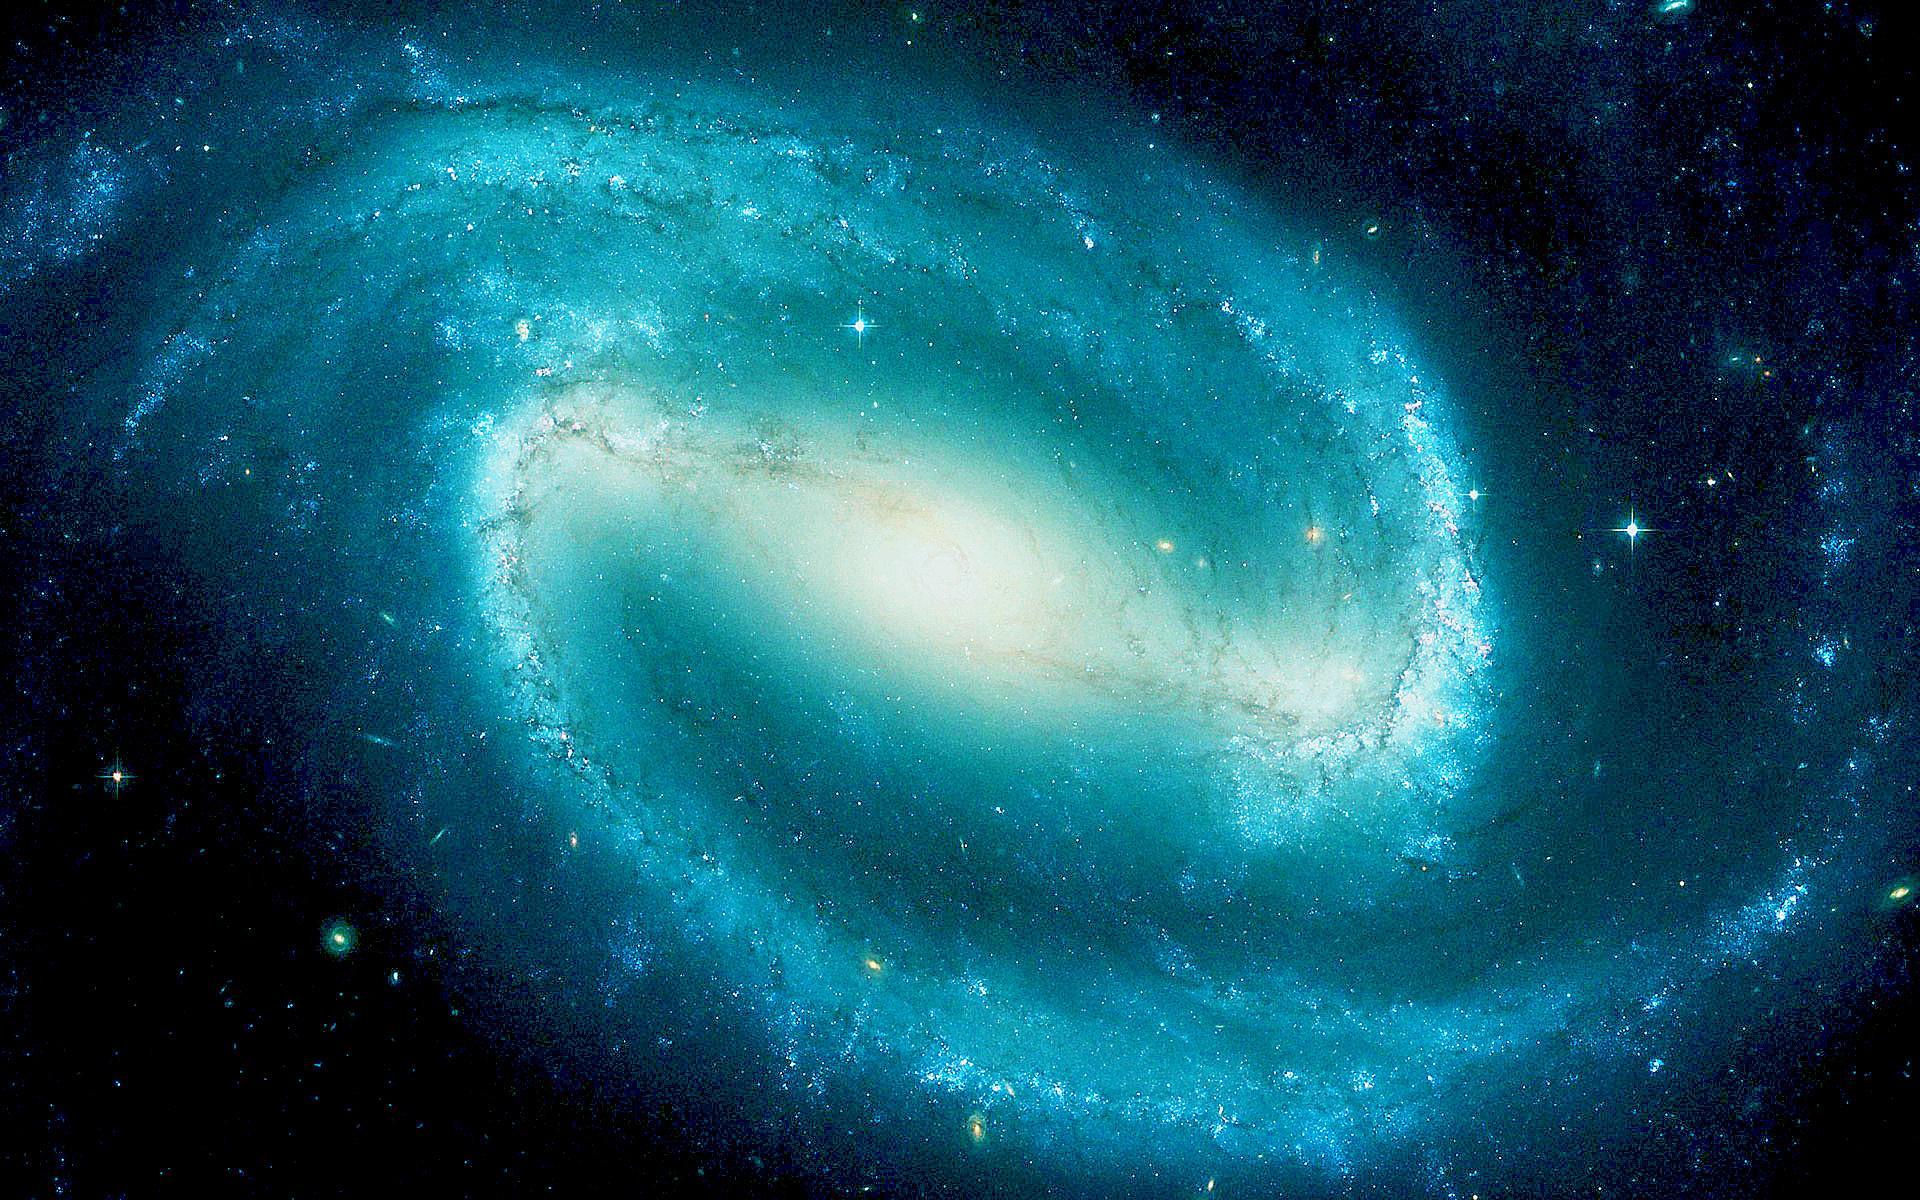 Космос звезды вселенная обои для